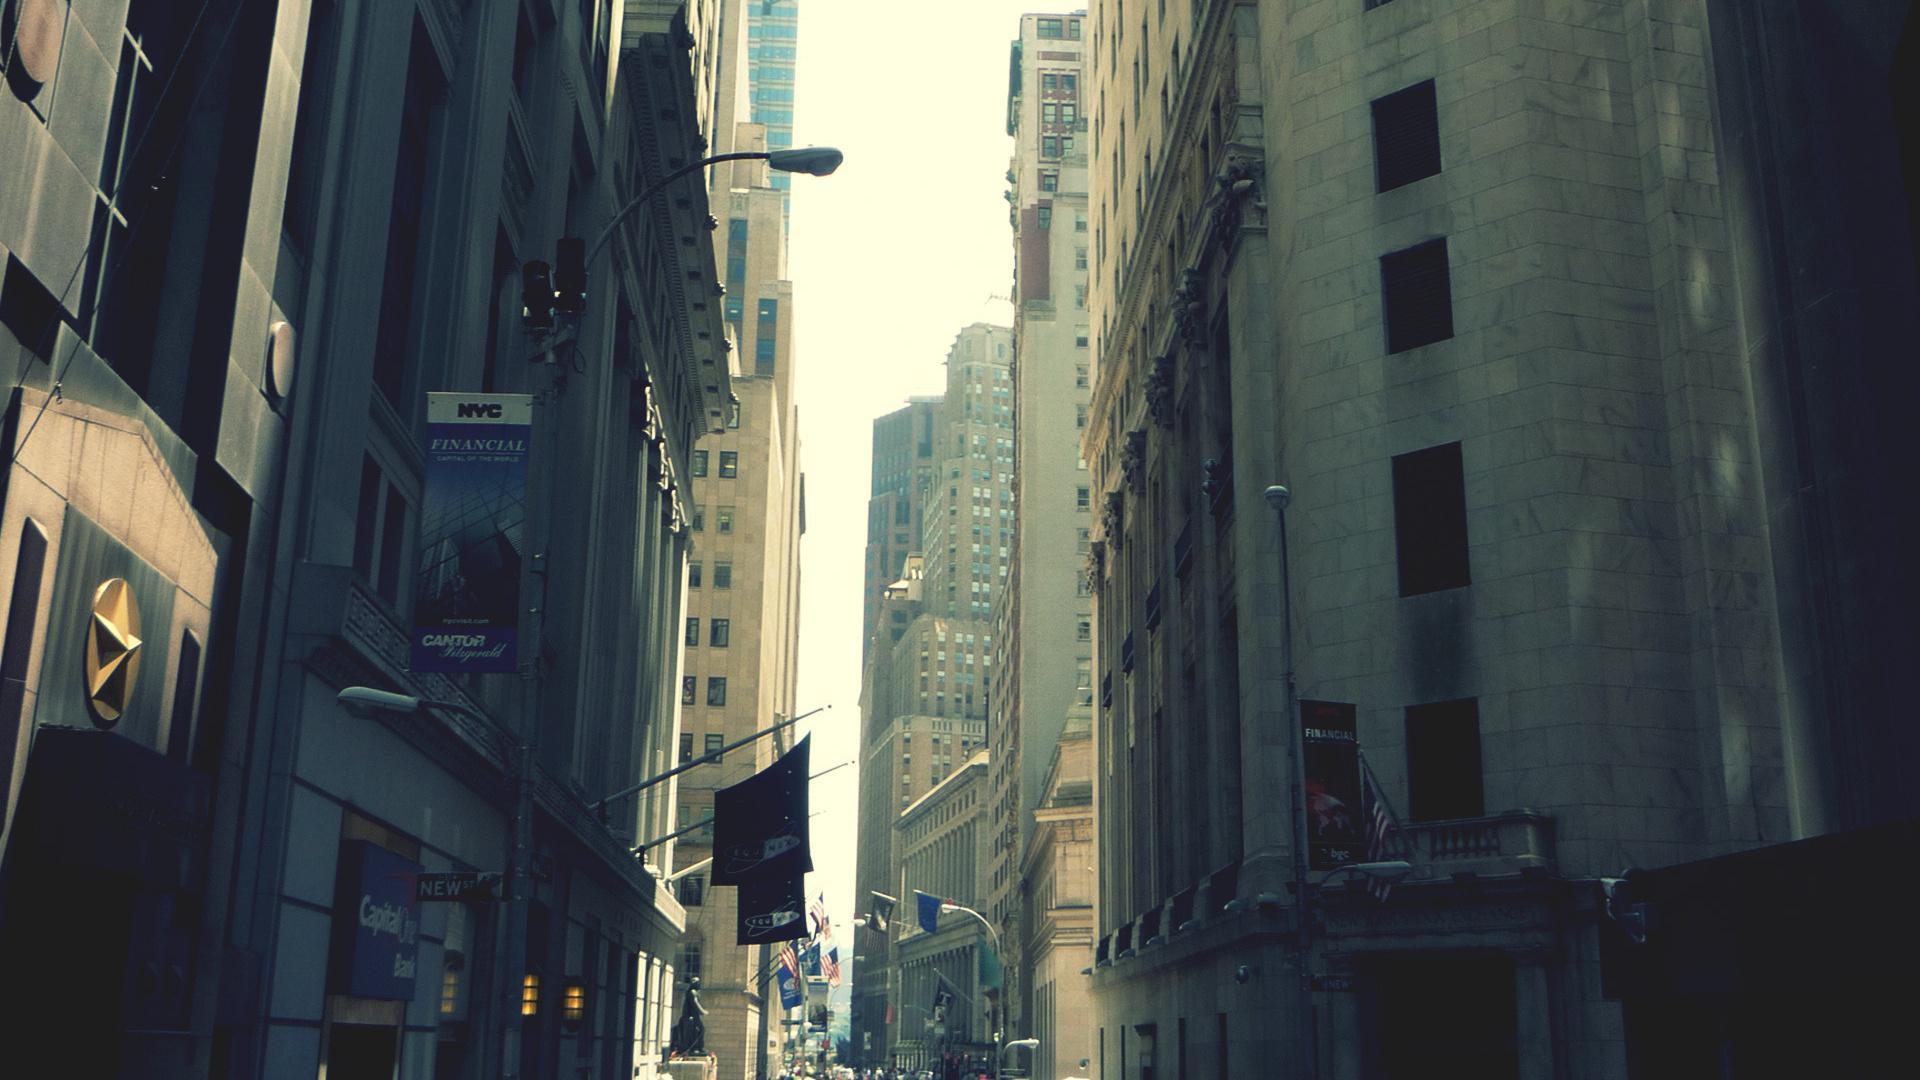 Город, нью-йорк, new york, city, улица, небоскребы, здания, мегаполис, люди, фон